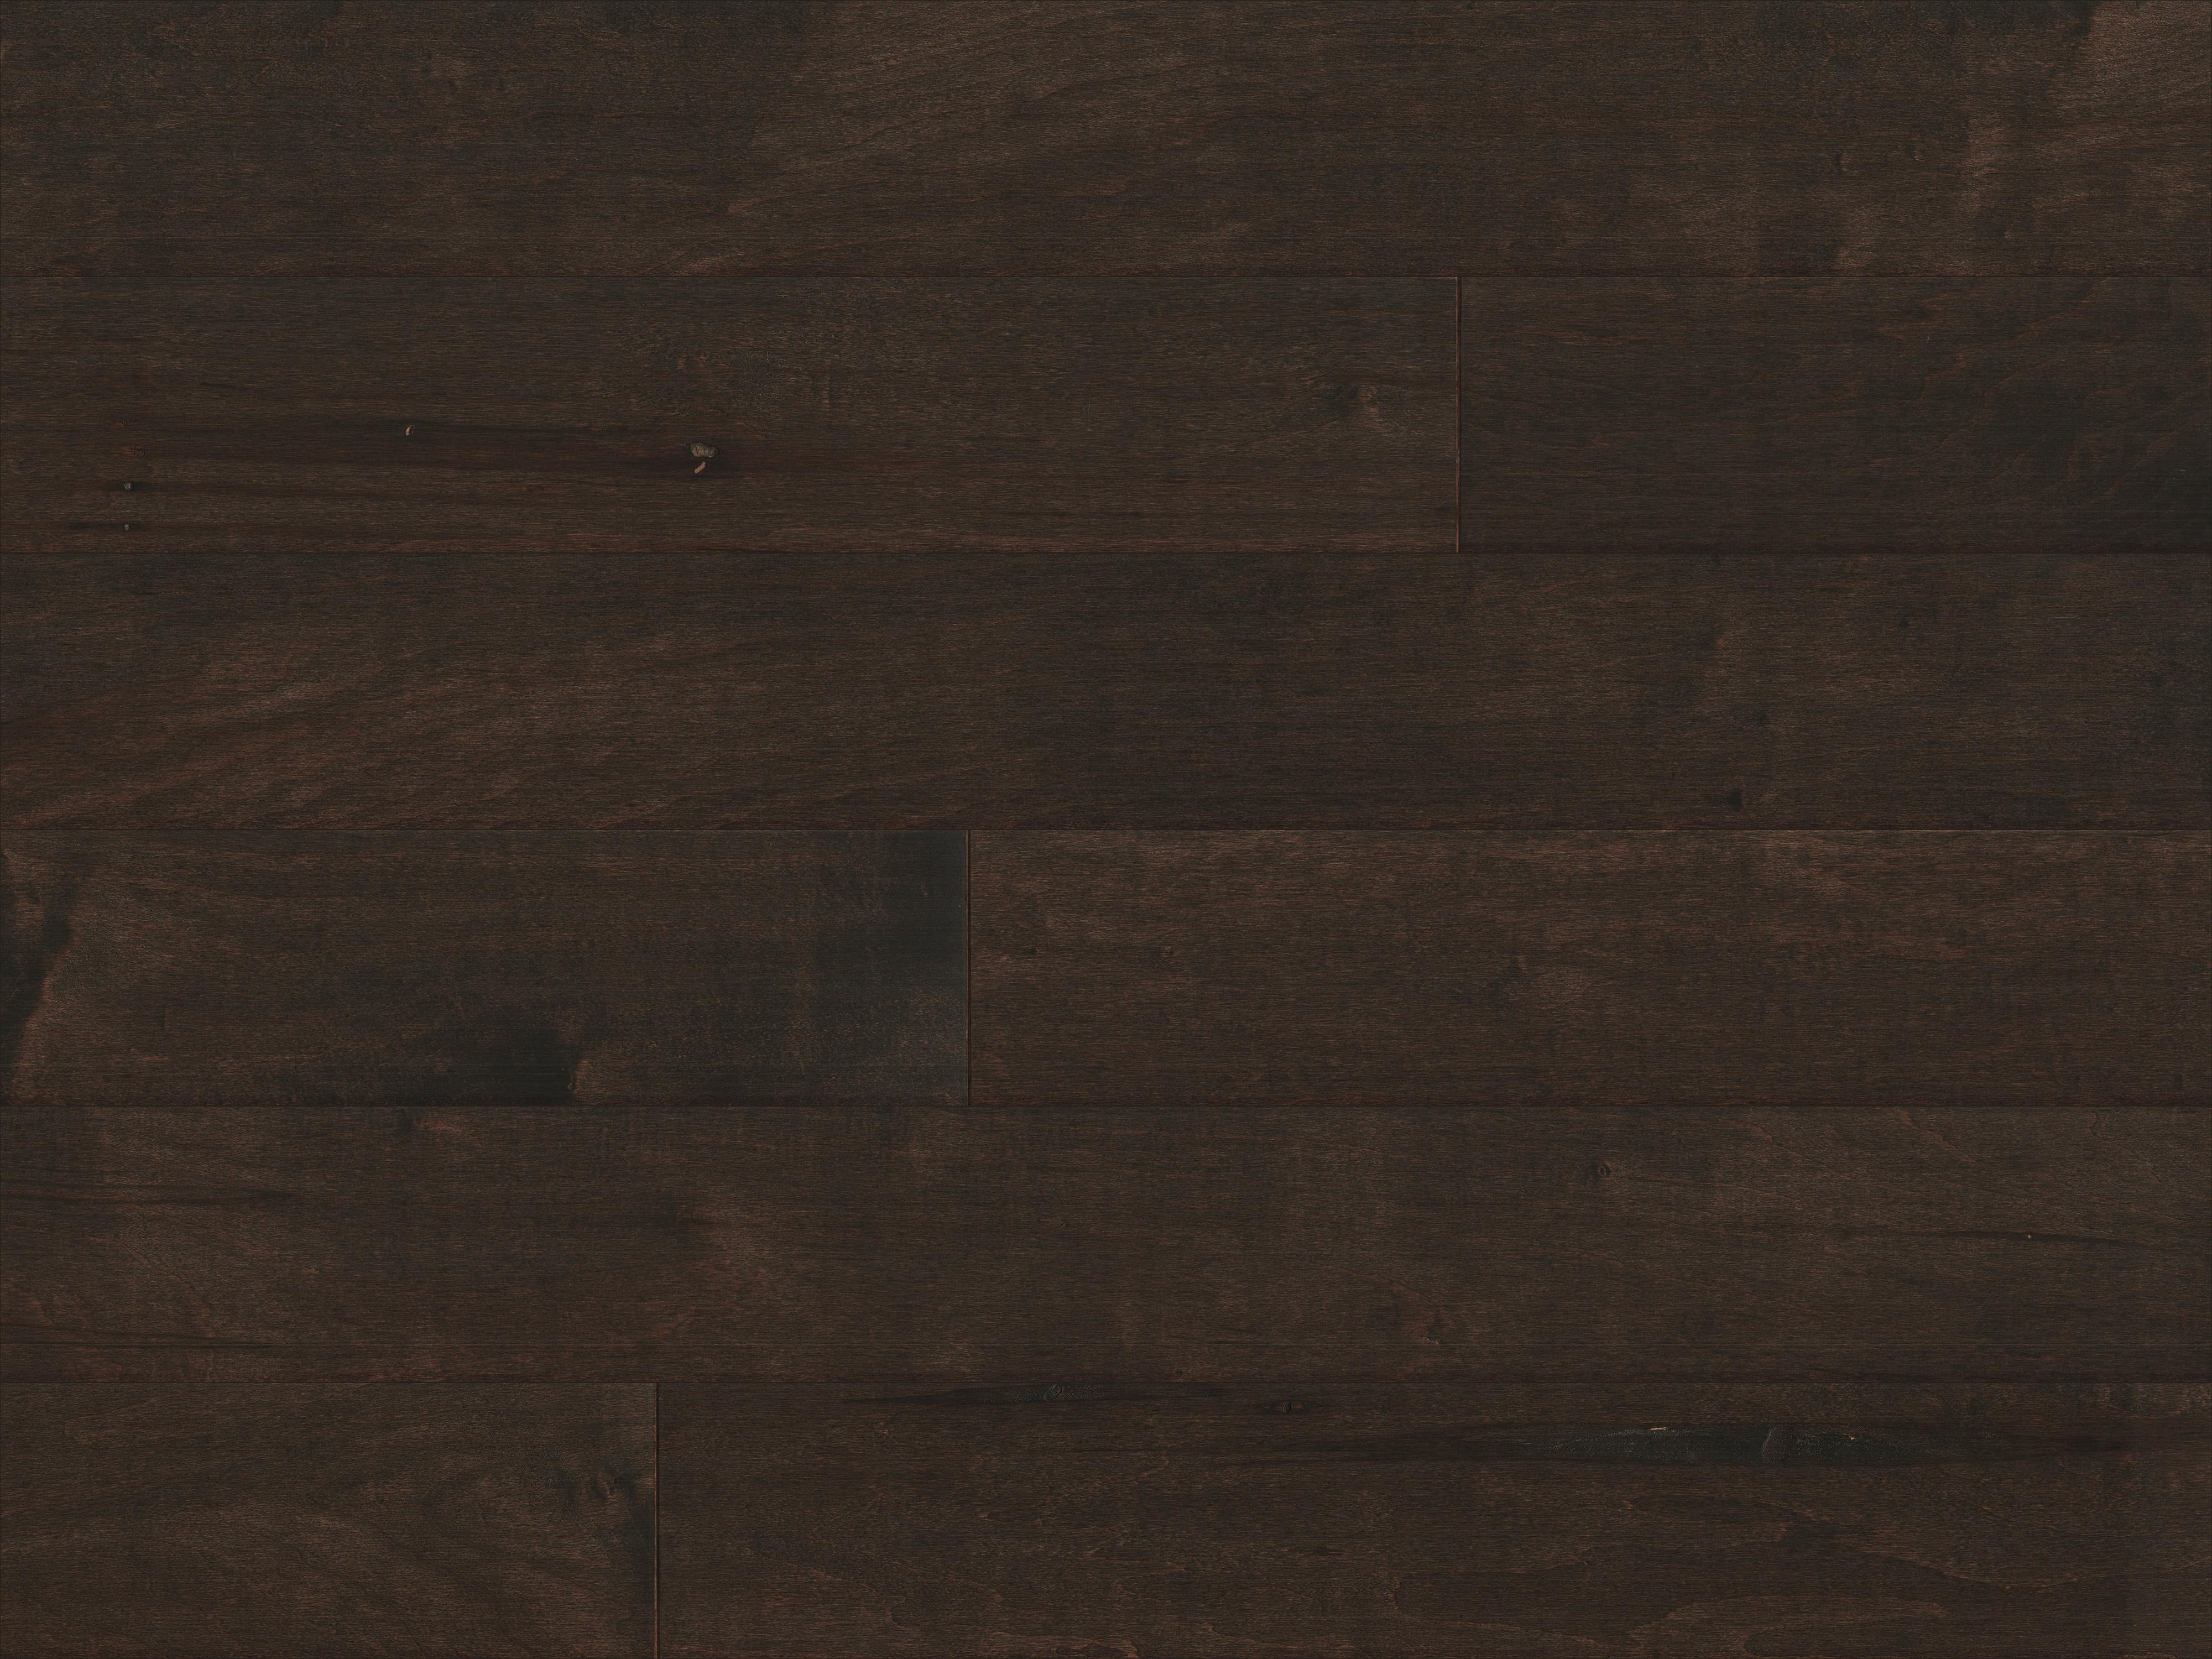 floating hardwood floor underlayment of mullican ridgecrest maple cappuccino 1 2 thick 5 wide engineered with regard to mullican ridgecrest maple cappuccino 1 2 thick 5 wide engineered hardwood flooring